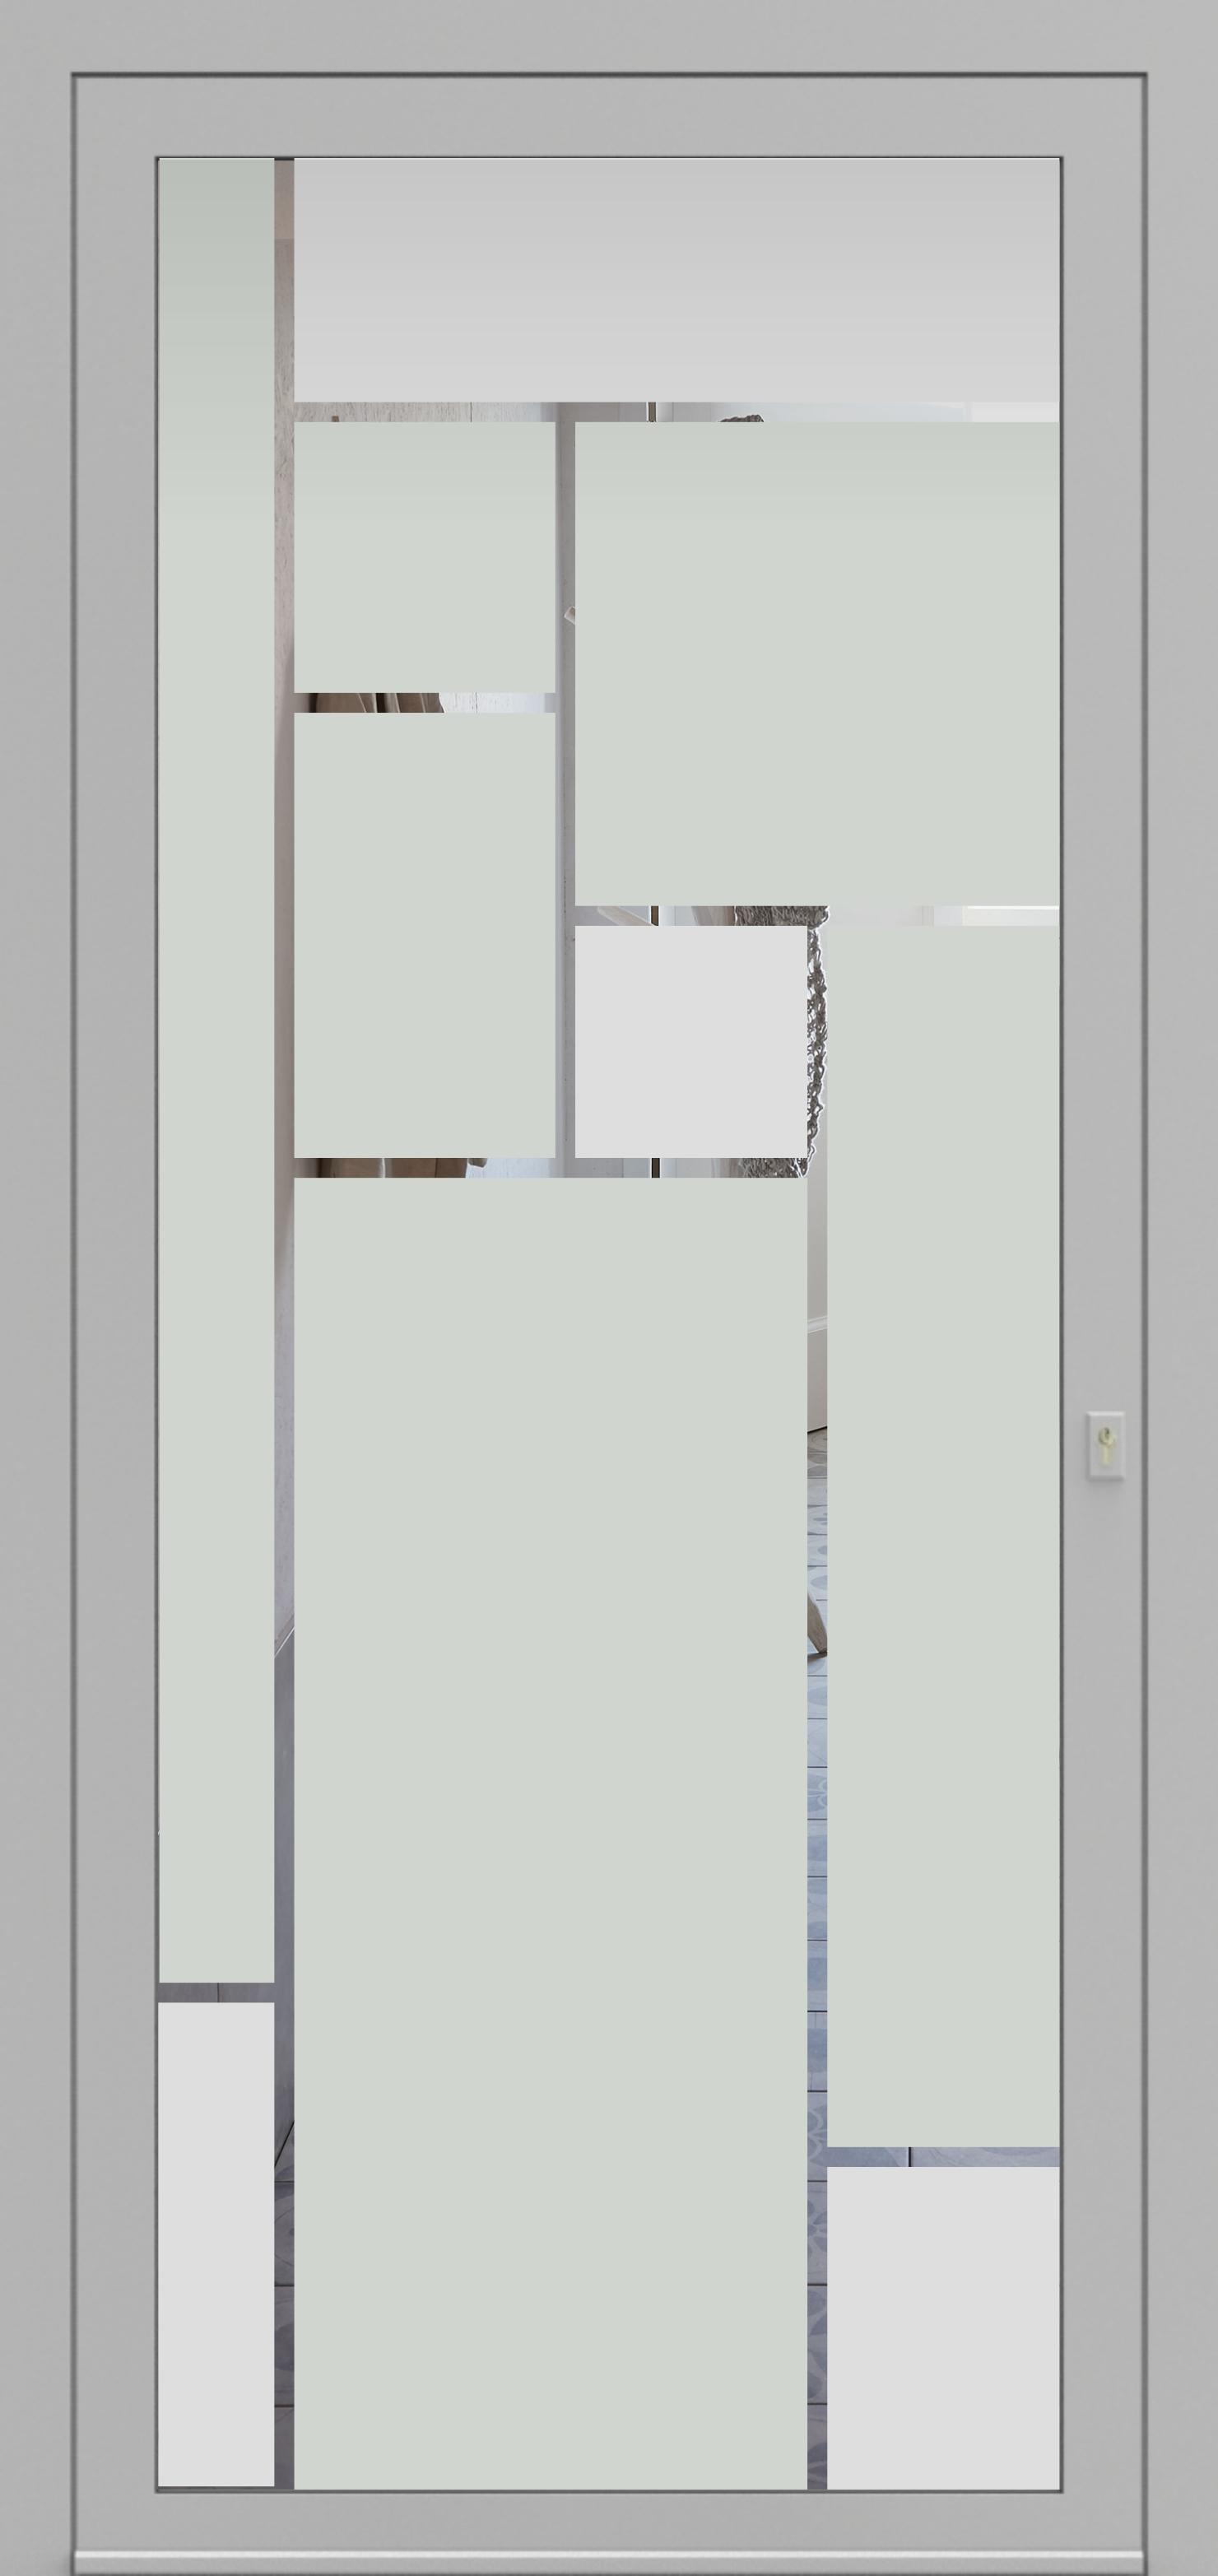 Porte d'entrée DECOVER 3/12 de la gamme Decover posée par les établissements CELEREAU à Roncq